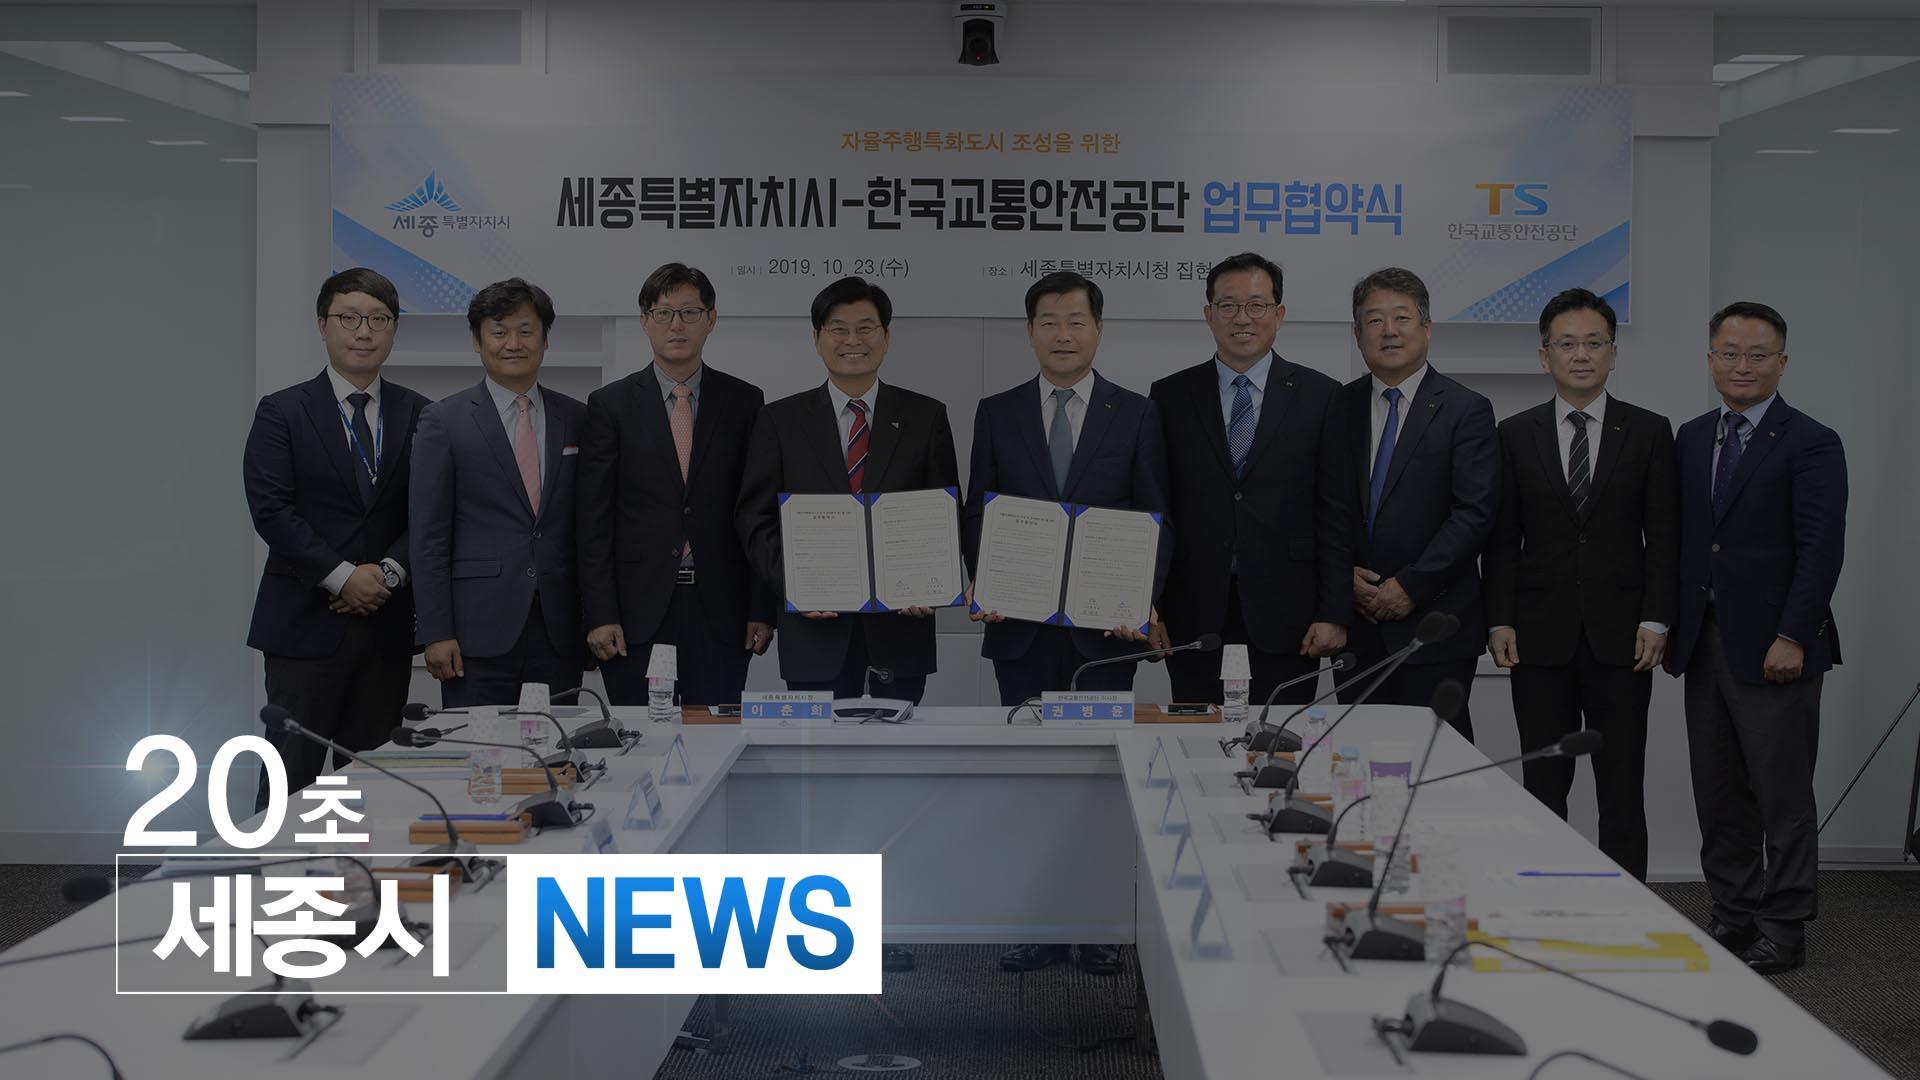 <20초뉴스> 세종시-교통안전공단 자율주행차 선도 협력